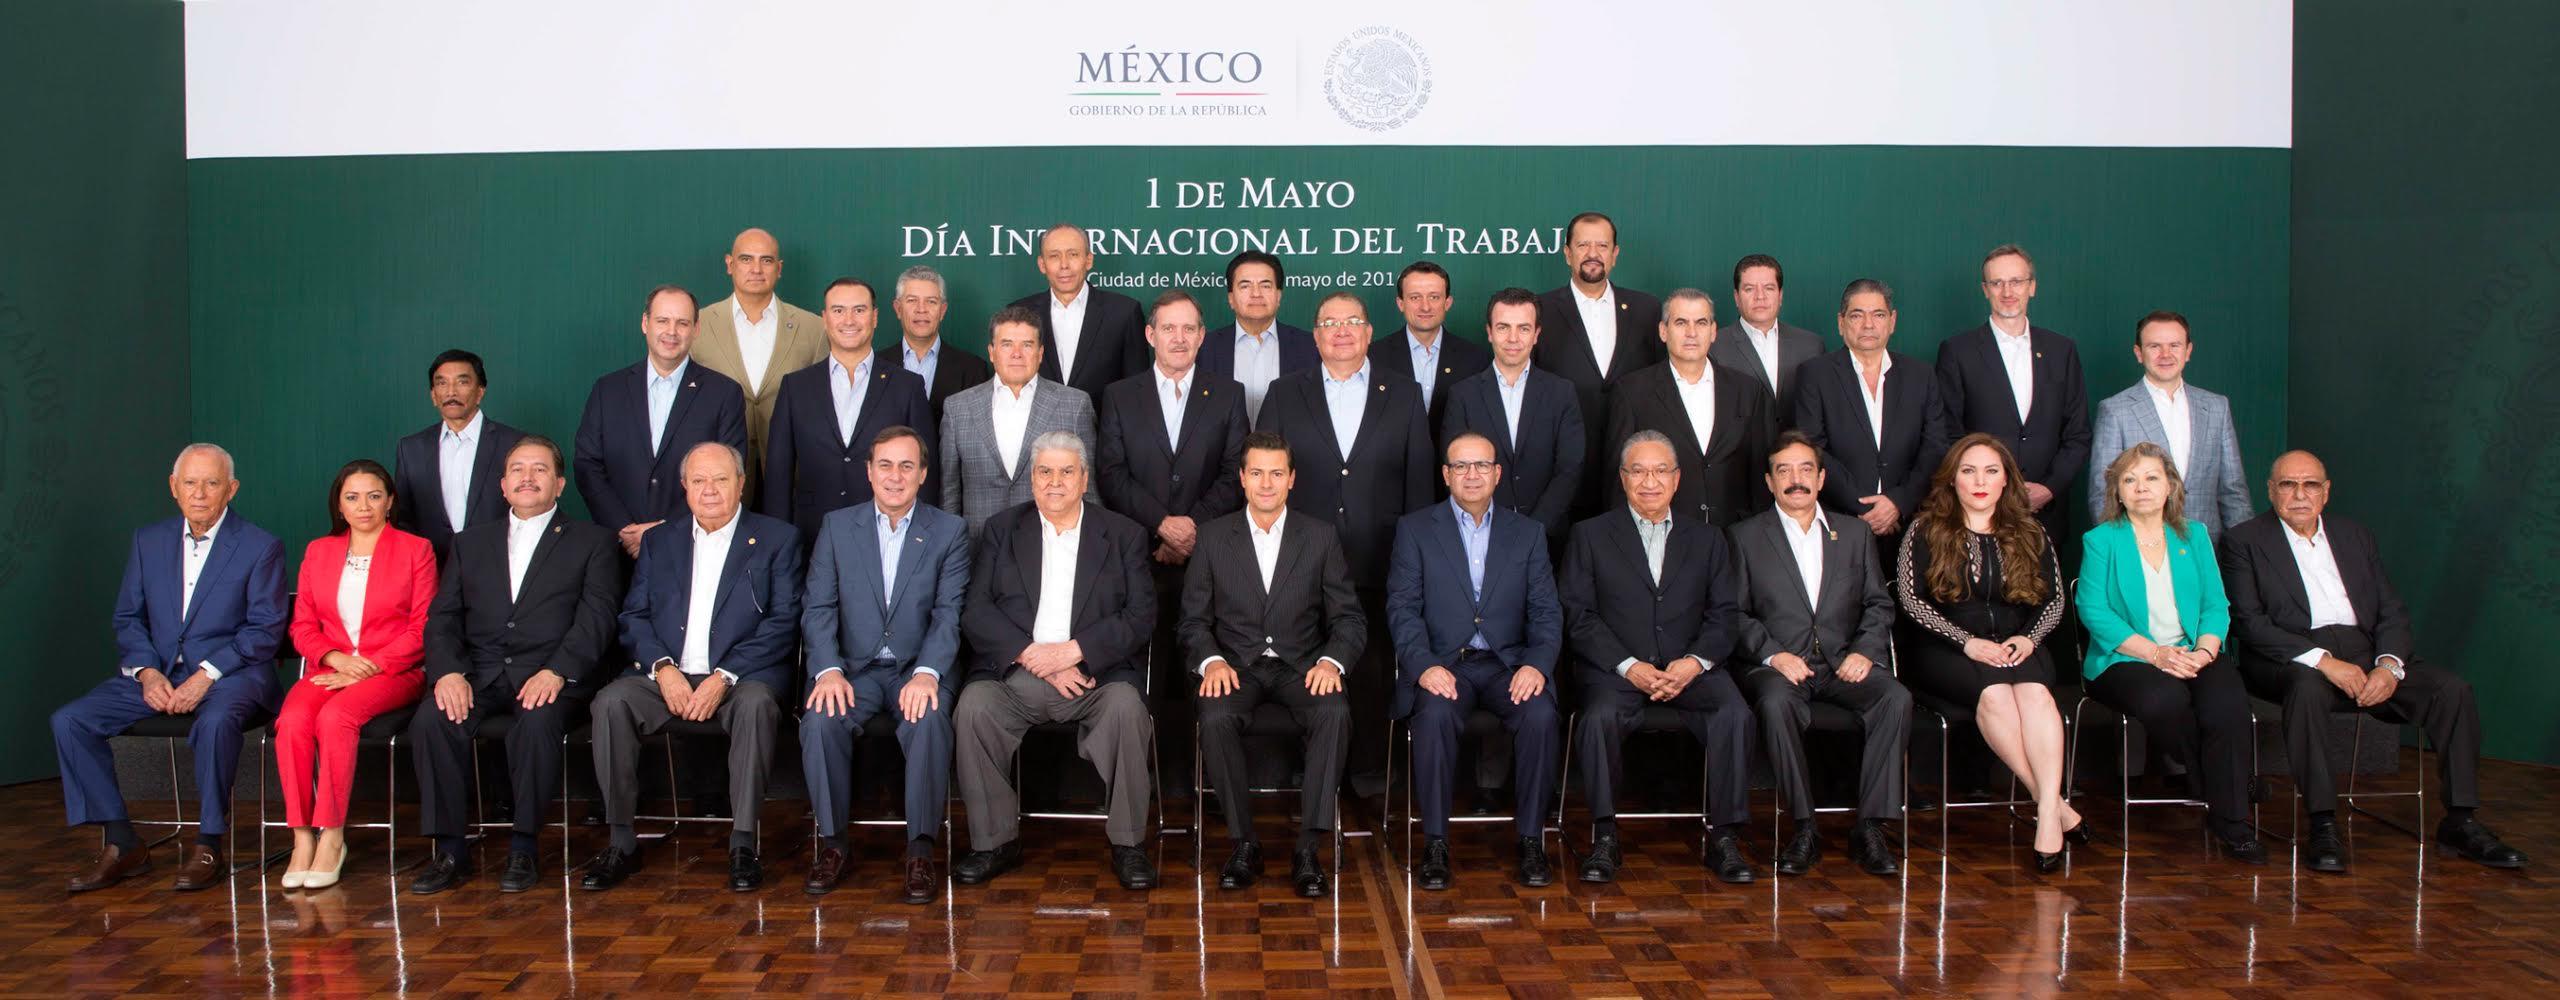 México es el país de las Naciones Unidas y de la OIT que registra el mayor periodo sin una huelga laboral federal.